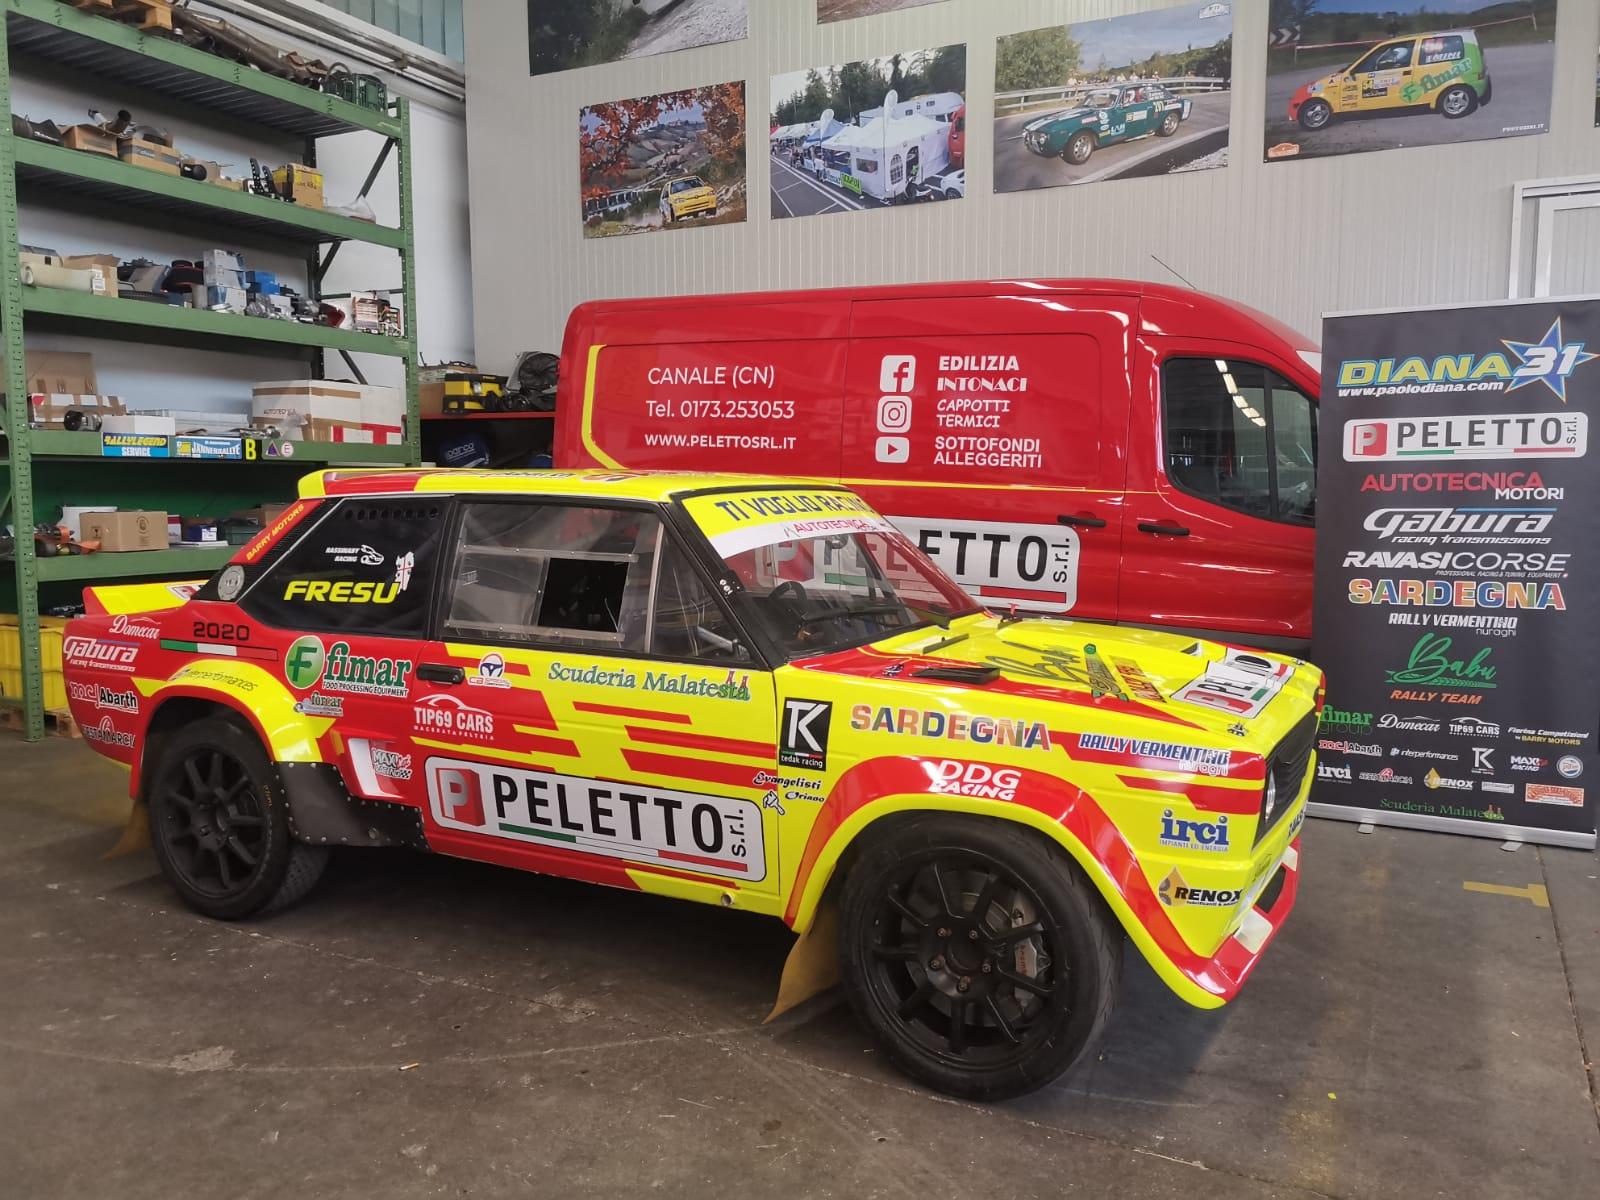 Paolo Diana al Rallylegend con i colori Peletto